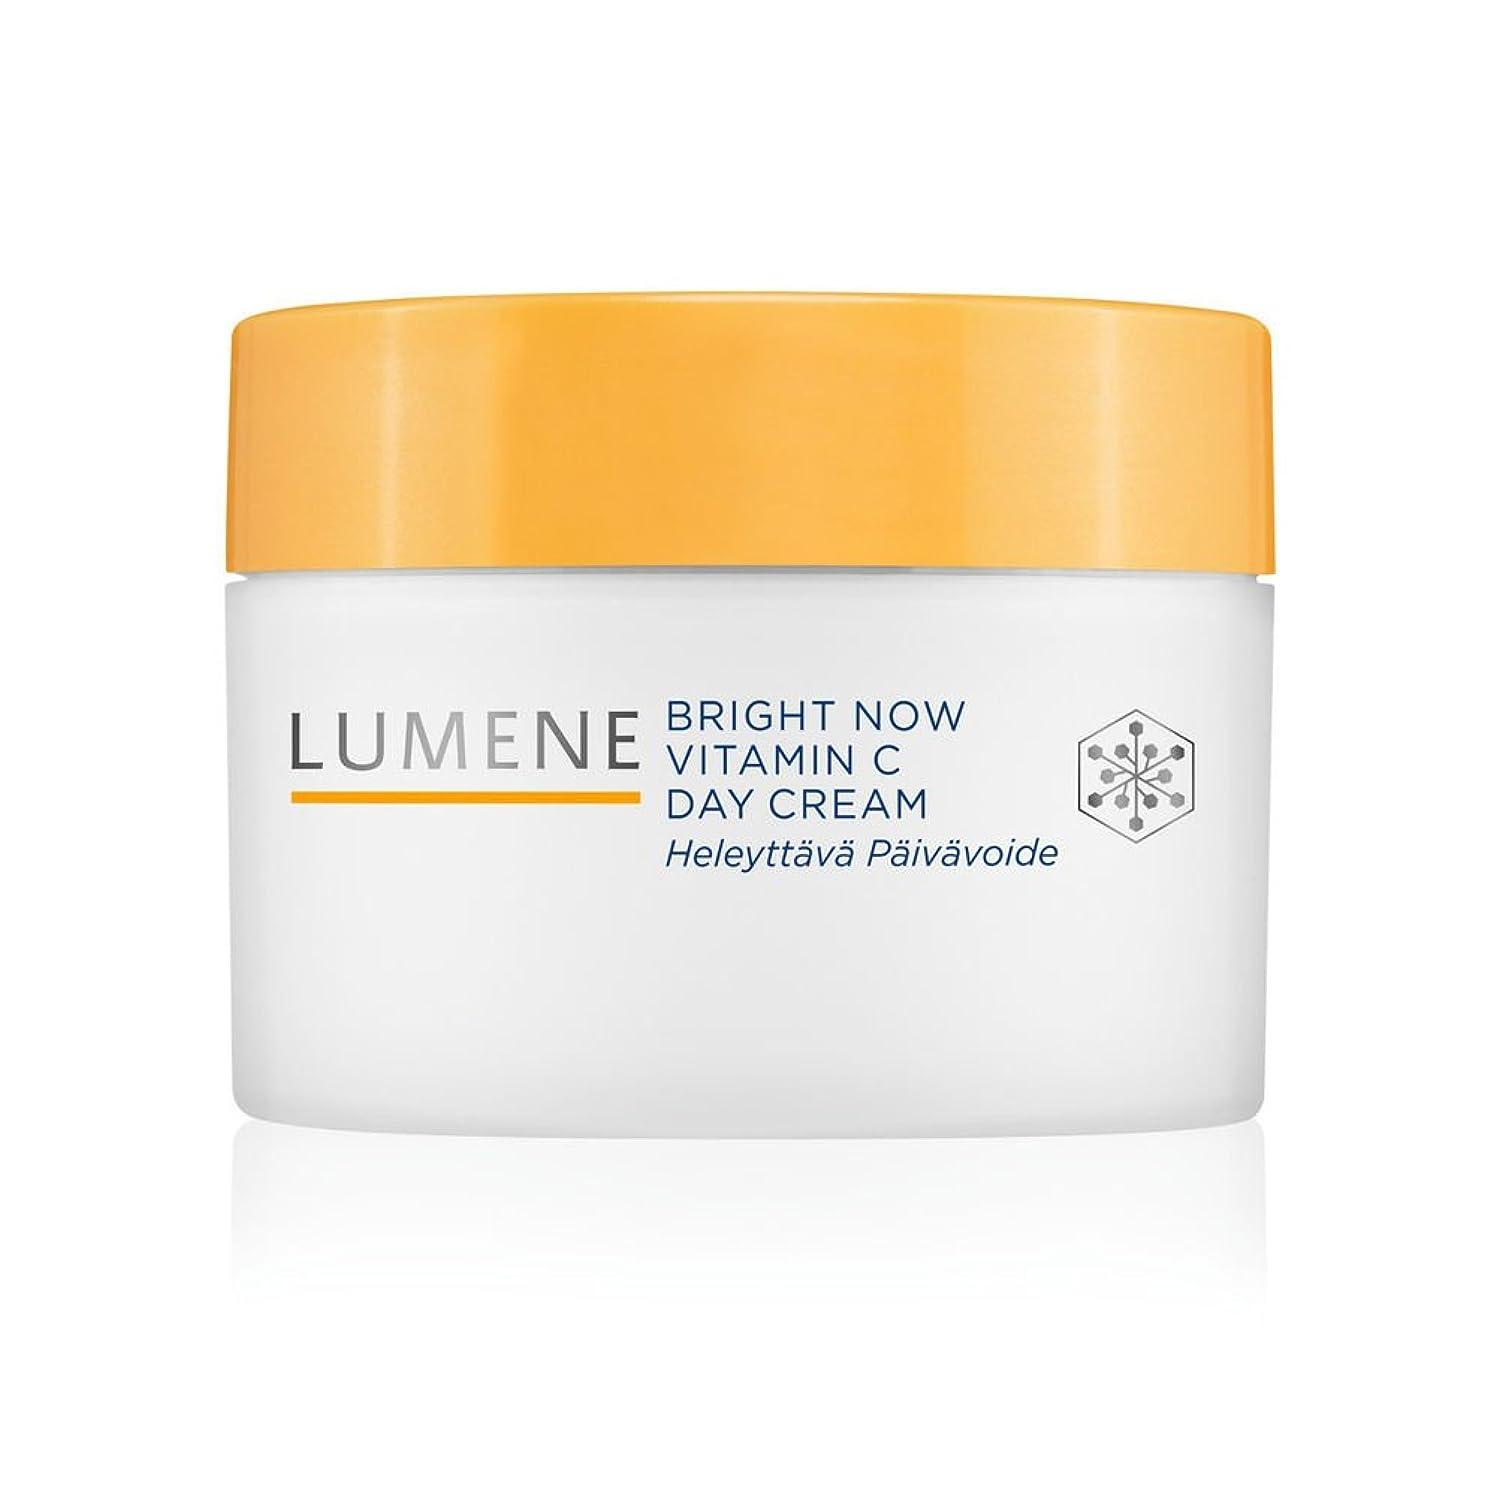 公爵議論するトラクターLumene Bright Now Vitamin C Day Cream, Large 100ml [海外直送品]